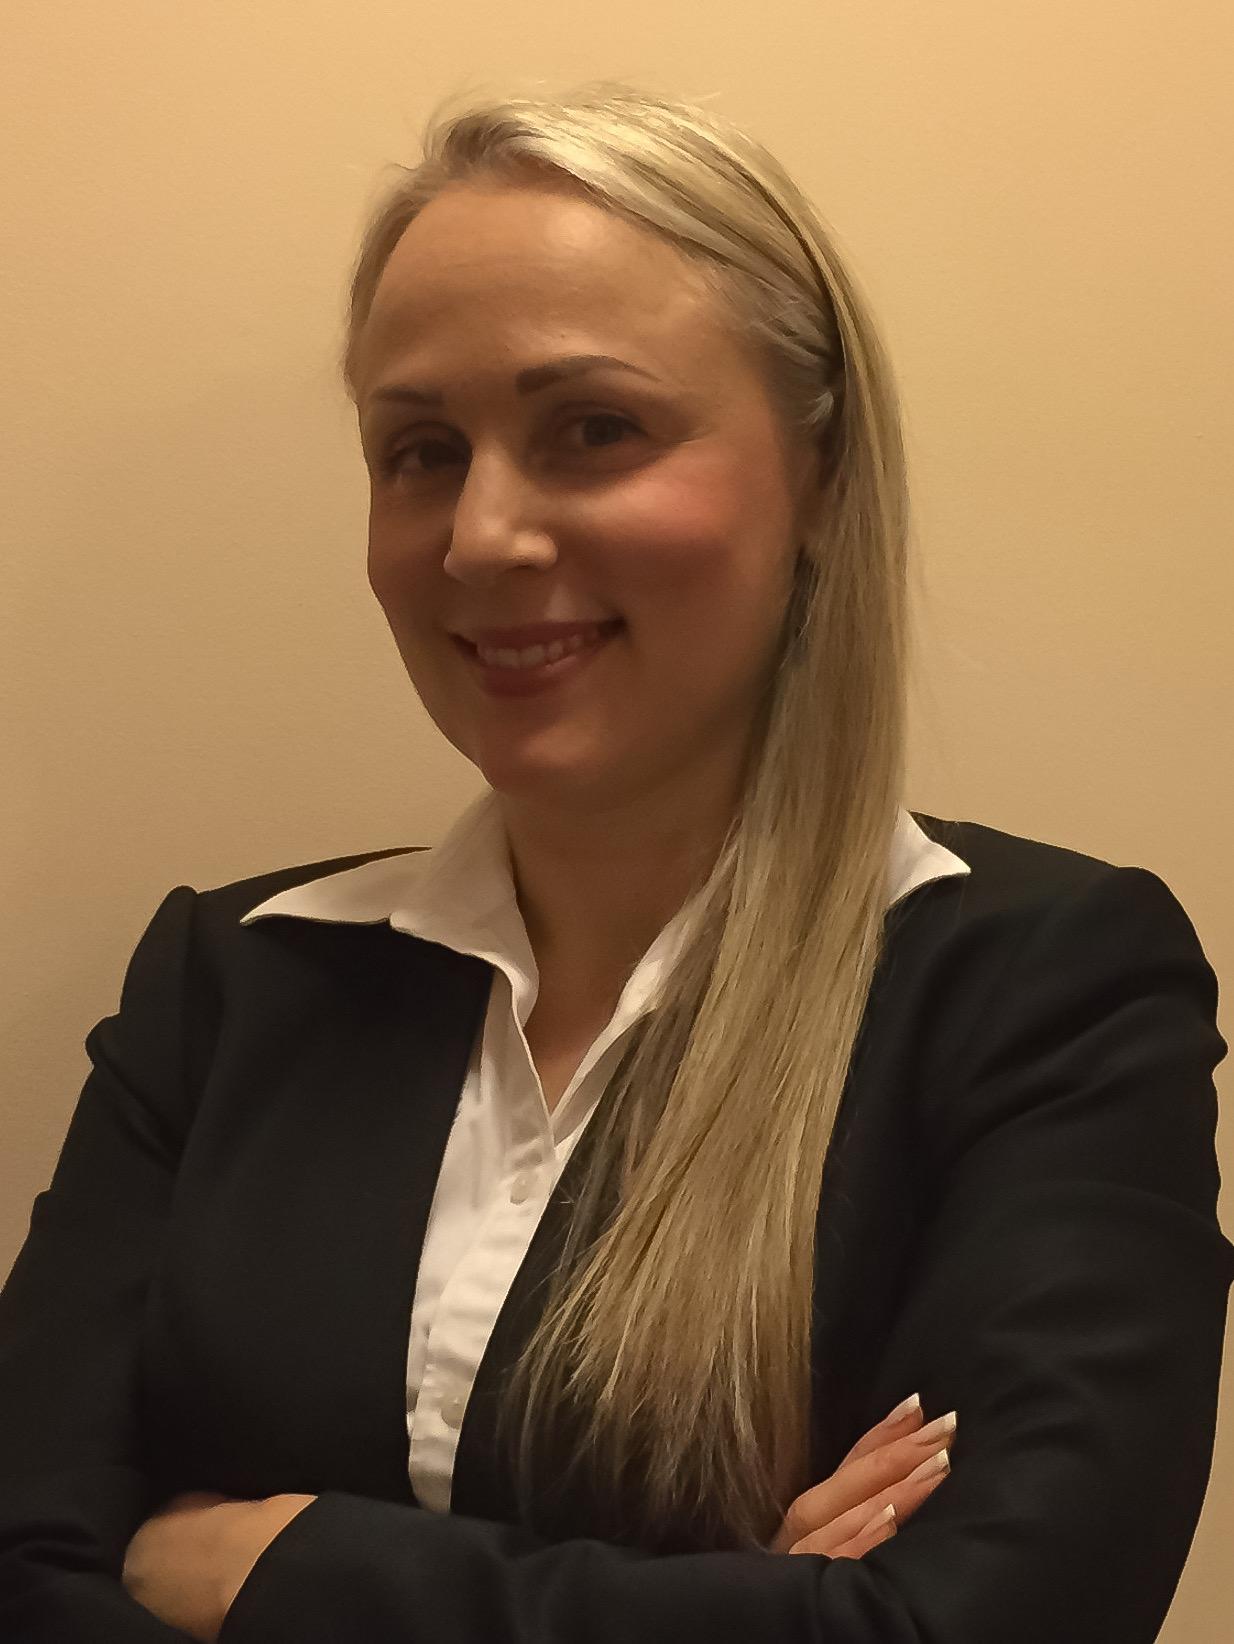 Sofia Freyder